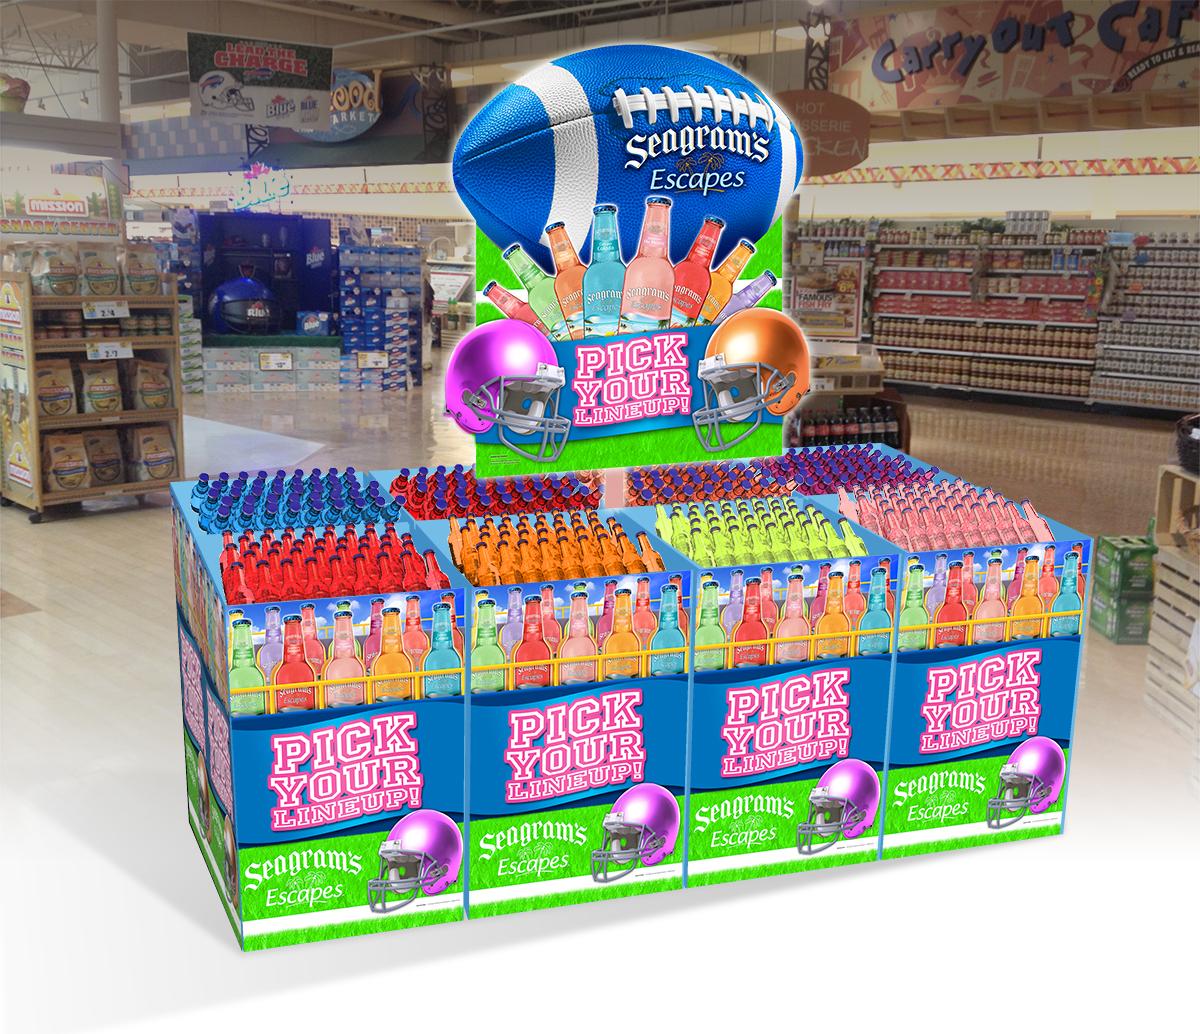 POCM-3D-store-environment-05.jpg